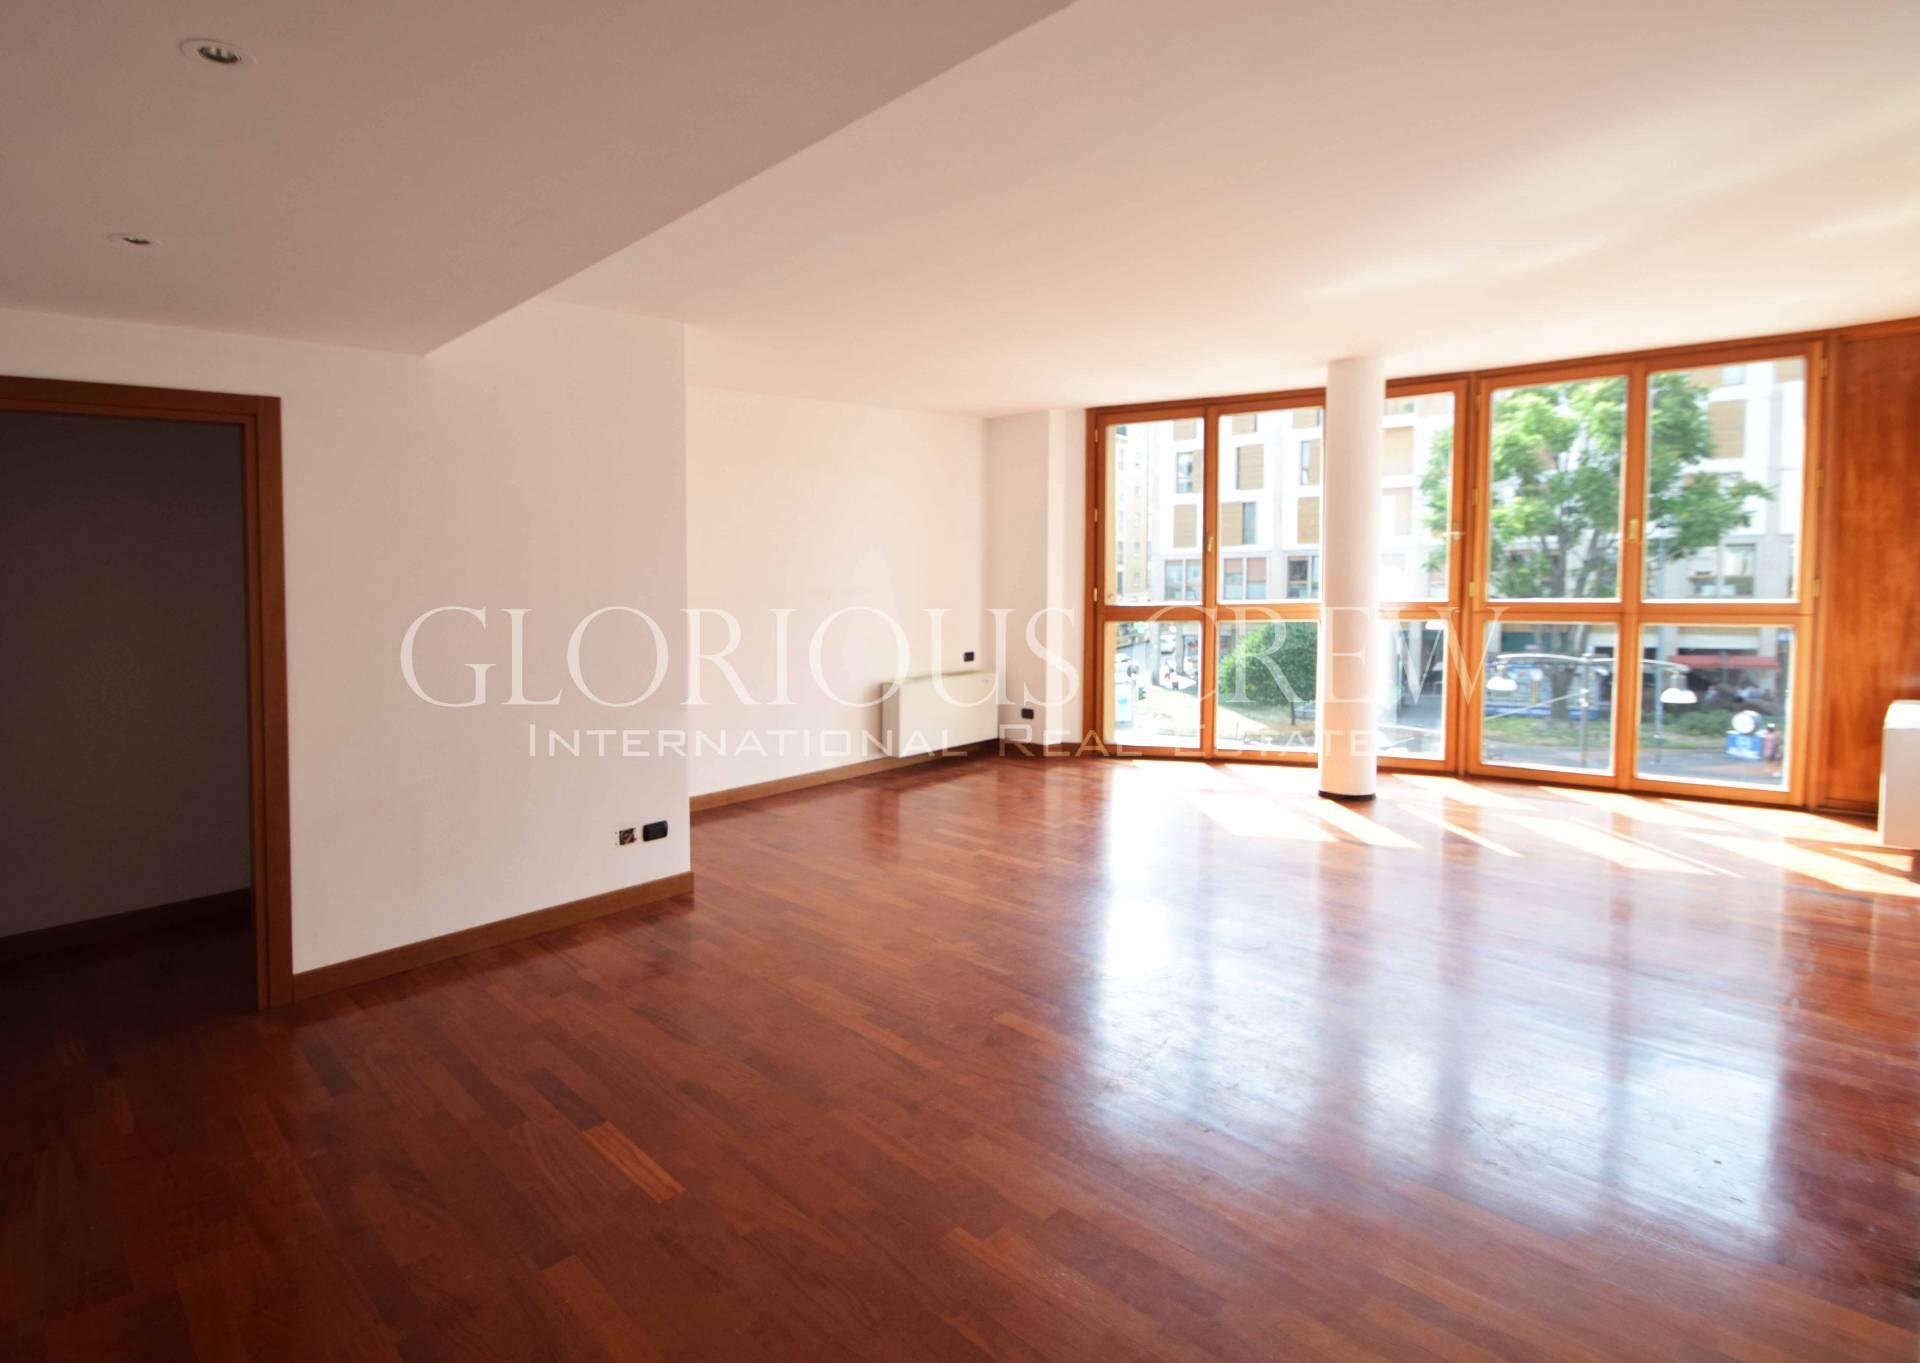 Appartamento in Affitto a Milano 02 Brera / Volta / Repubblica: 4 locali, 102 mq